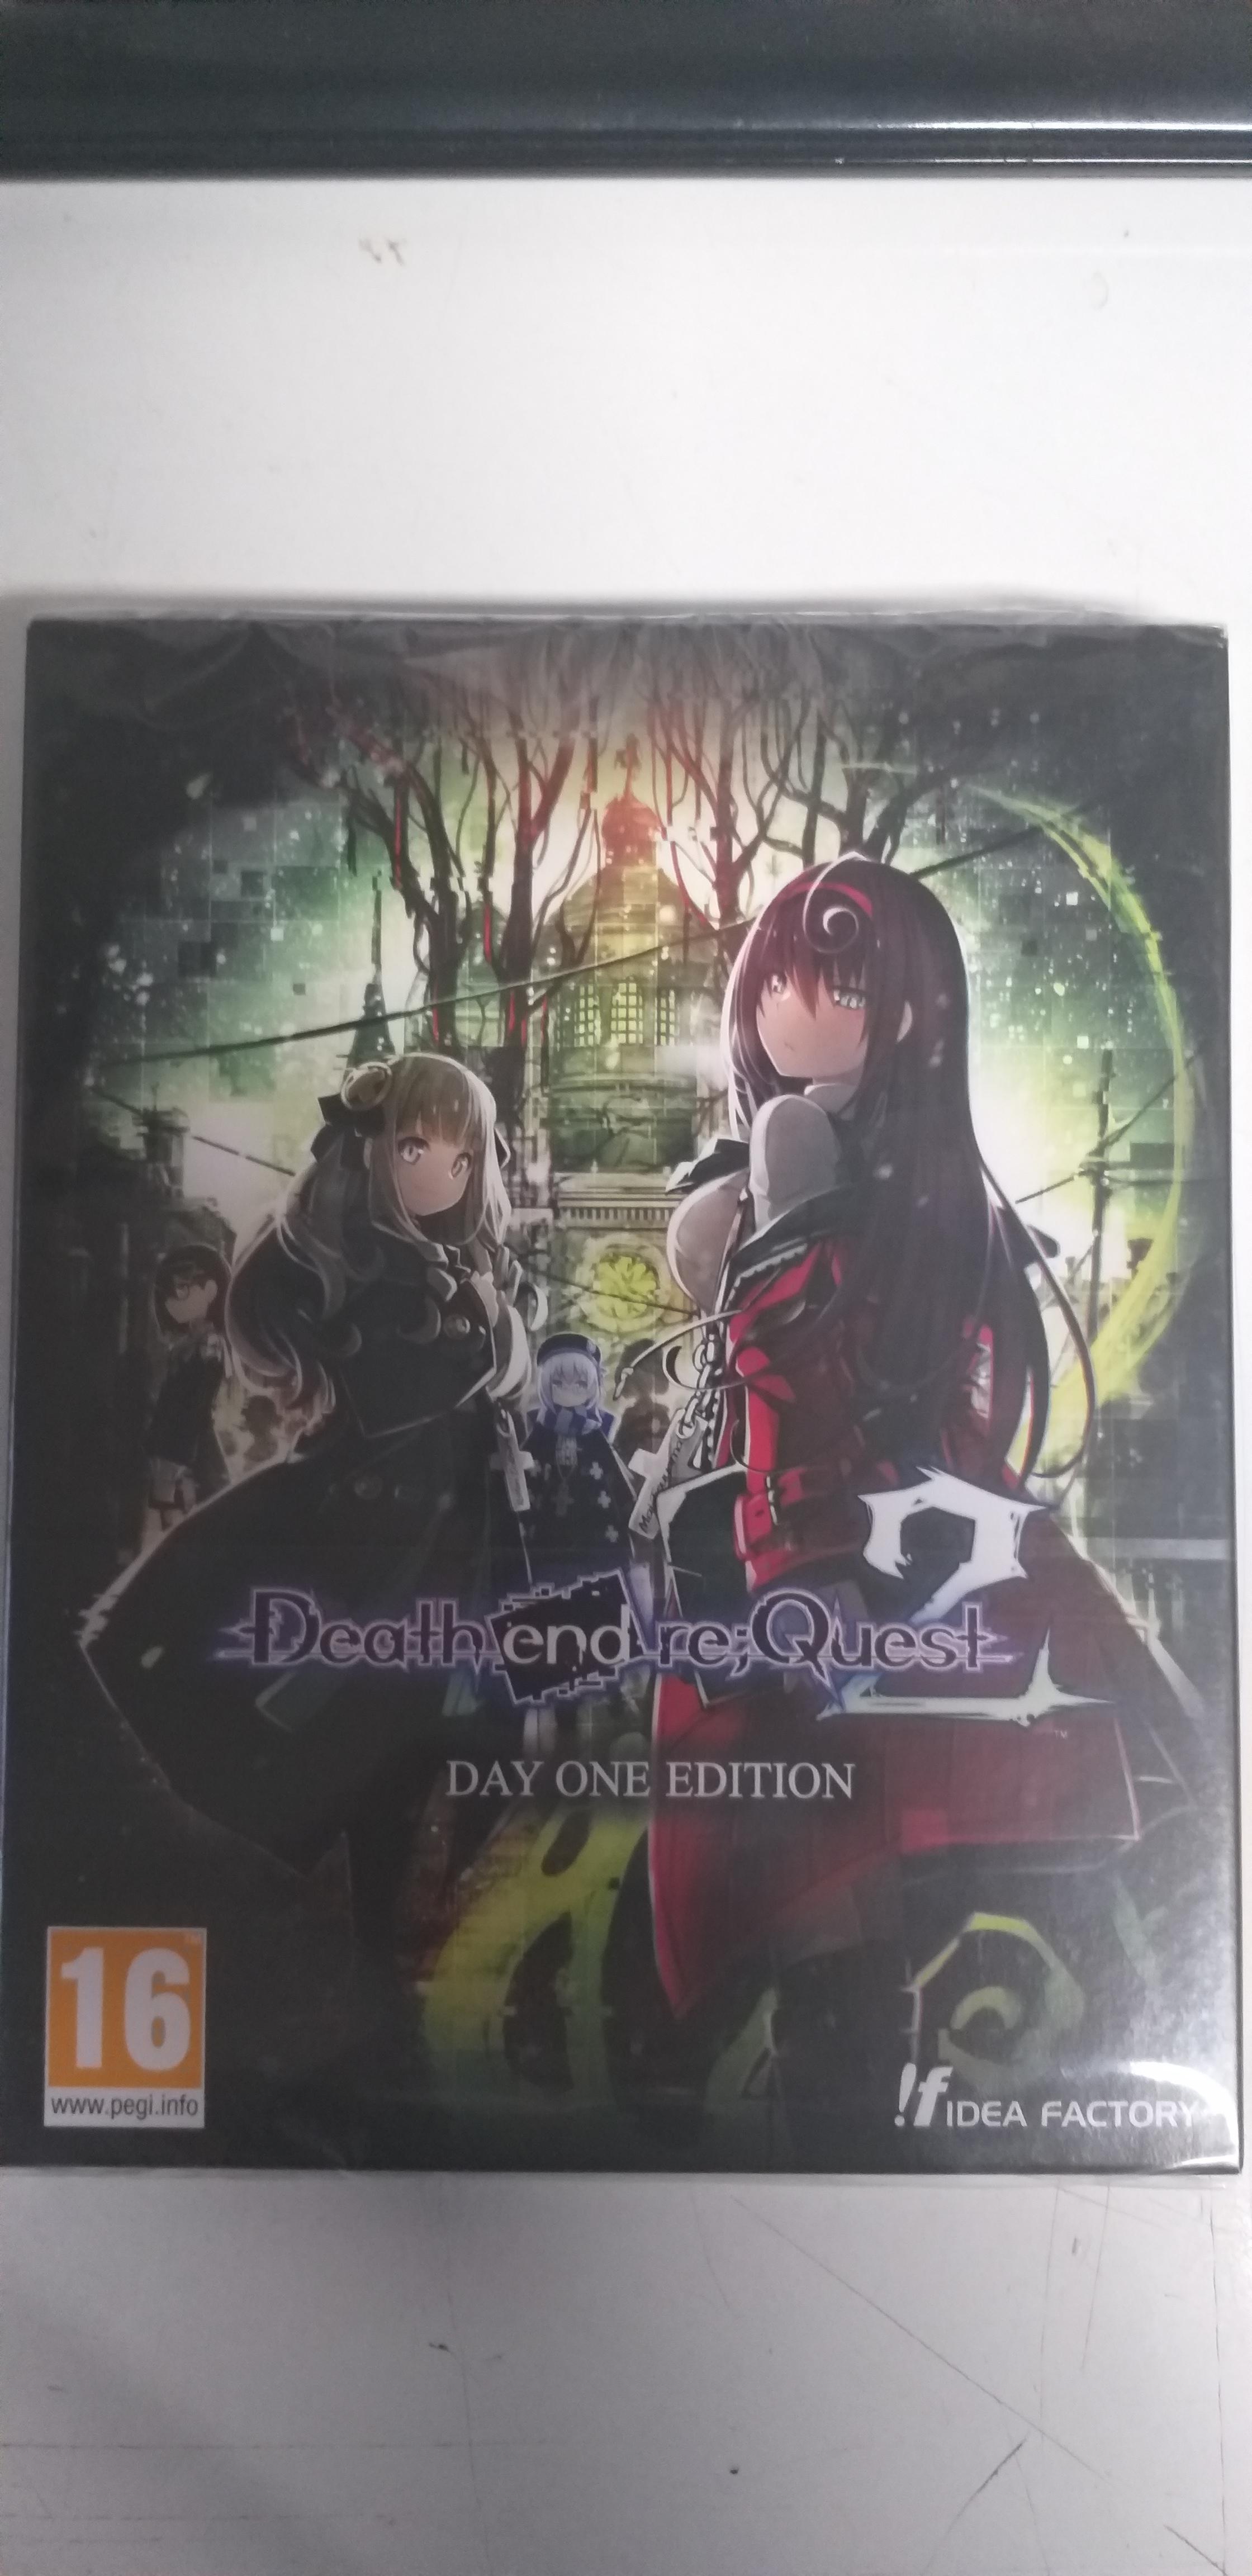 DEath End; Re Quest